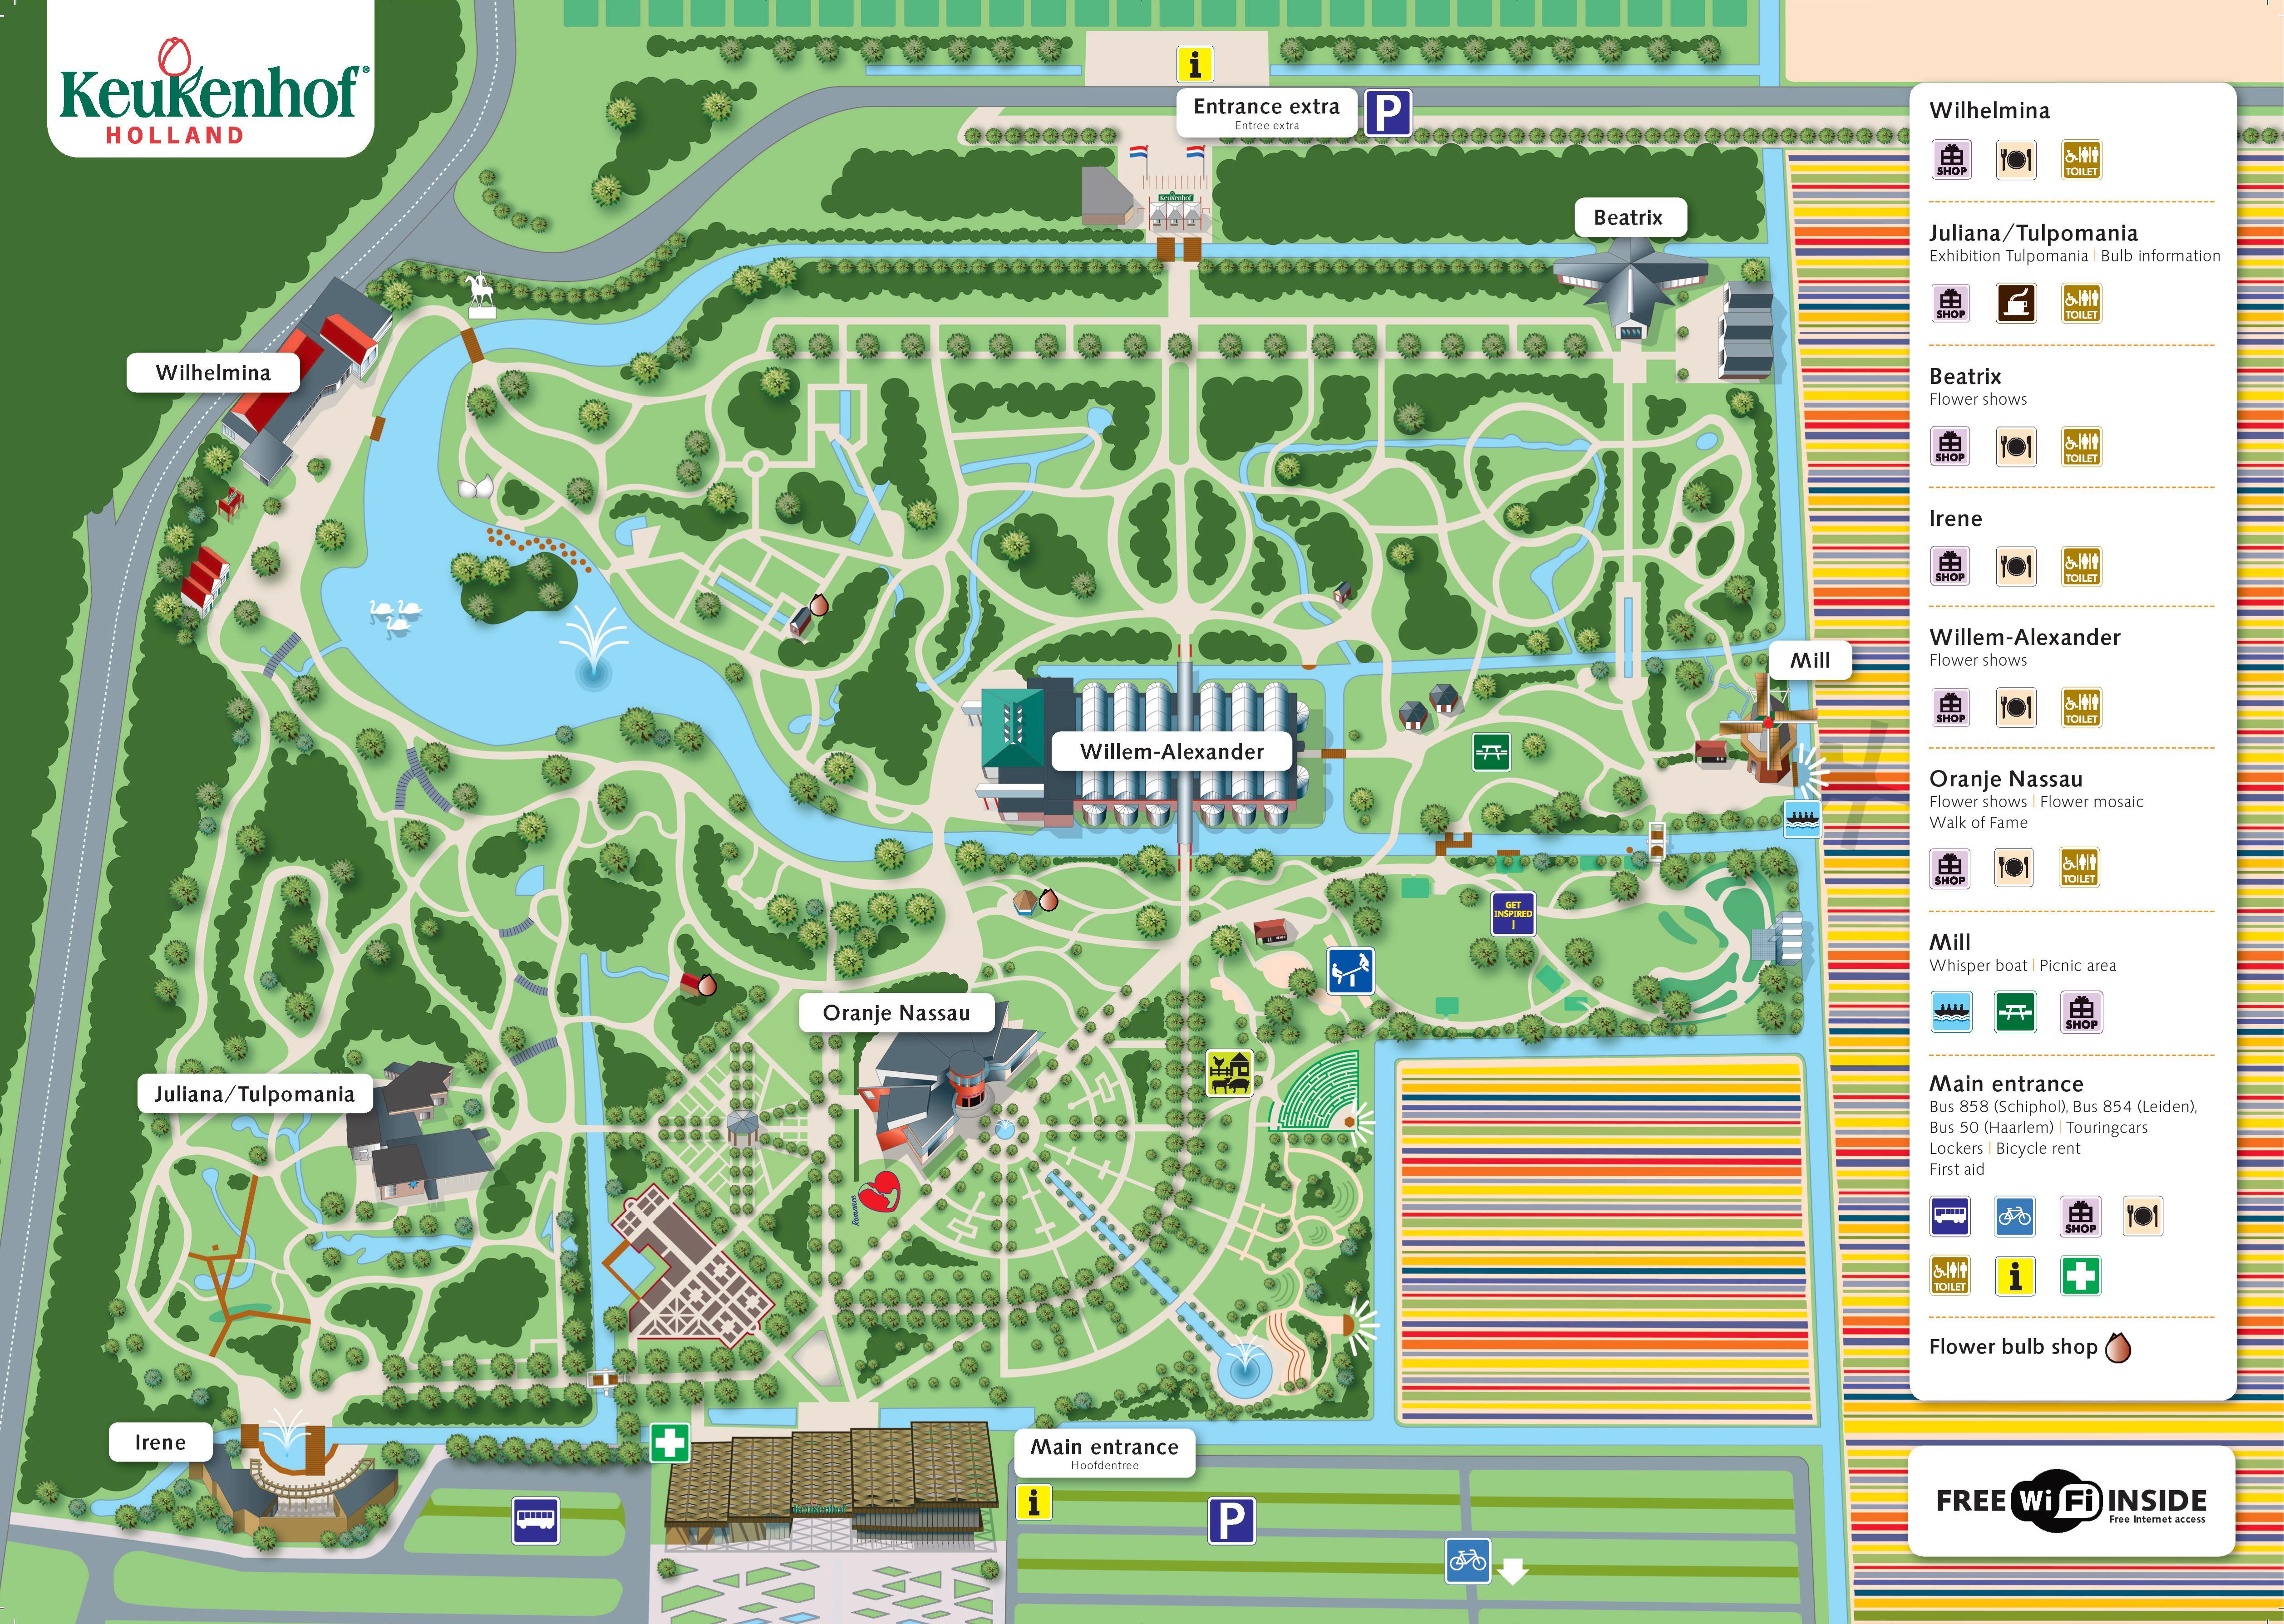 キューケンホフ公園 園内地図